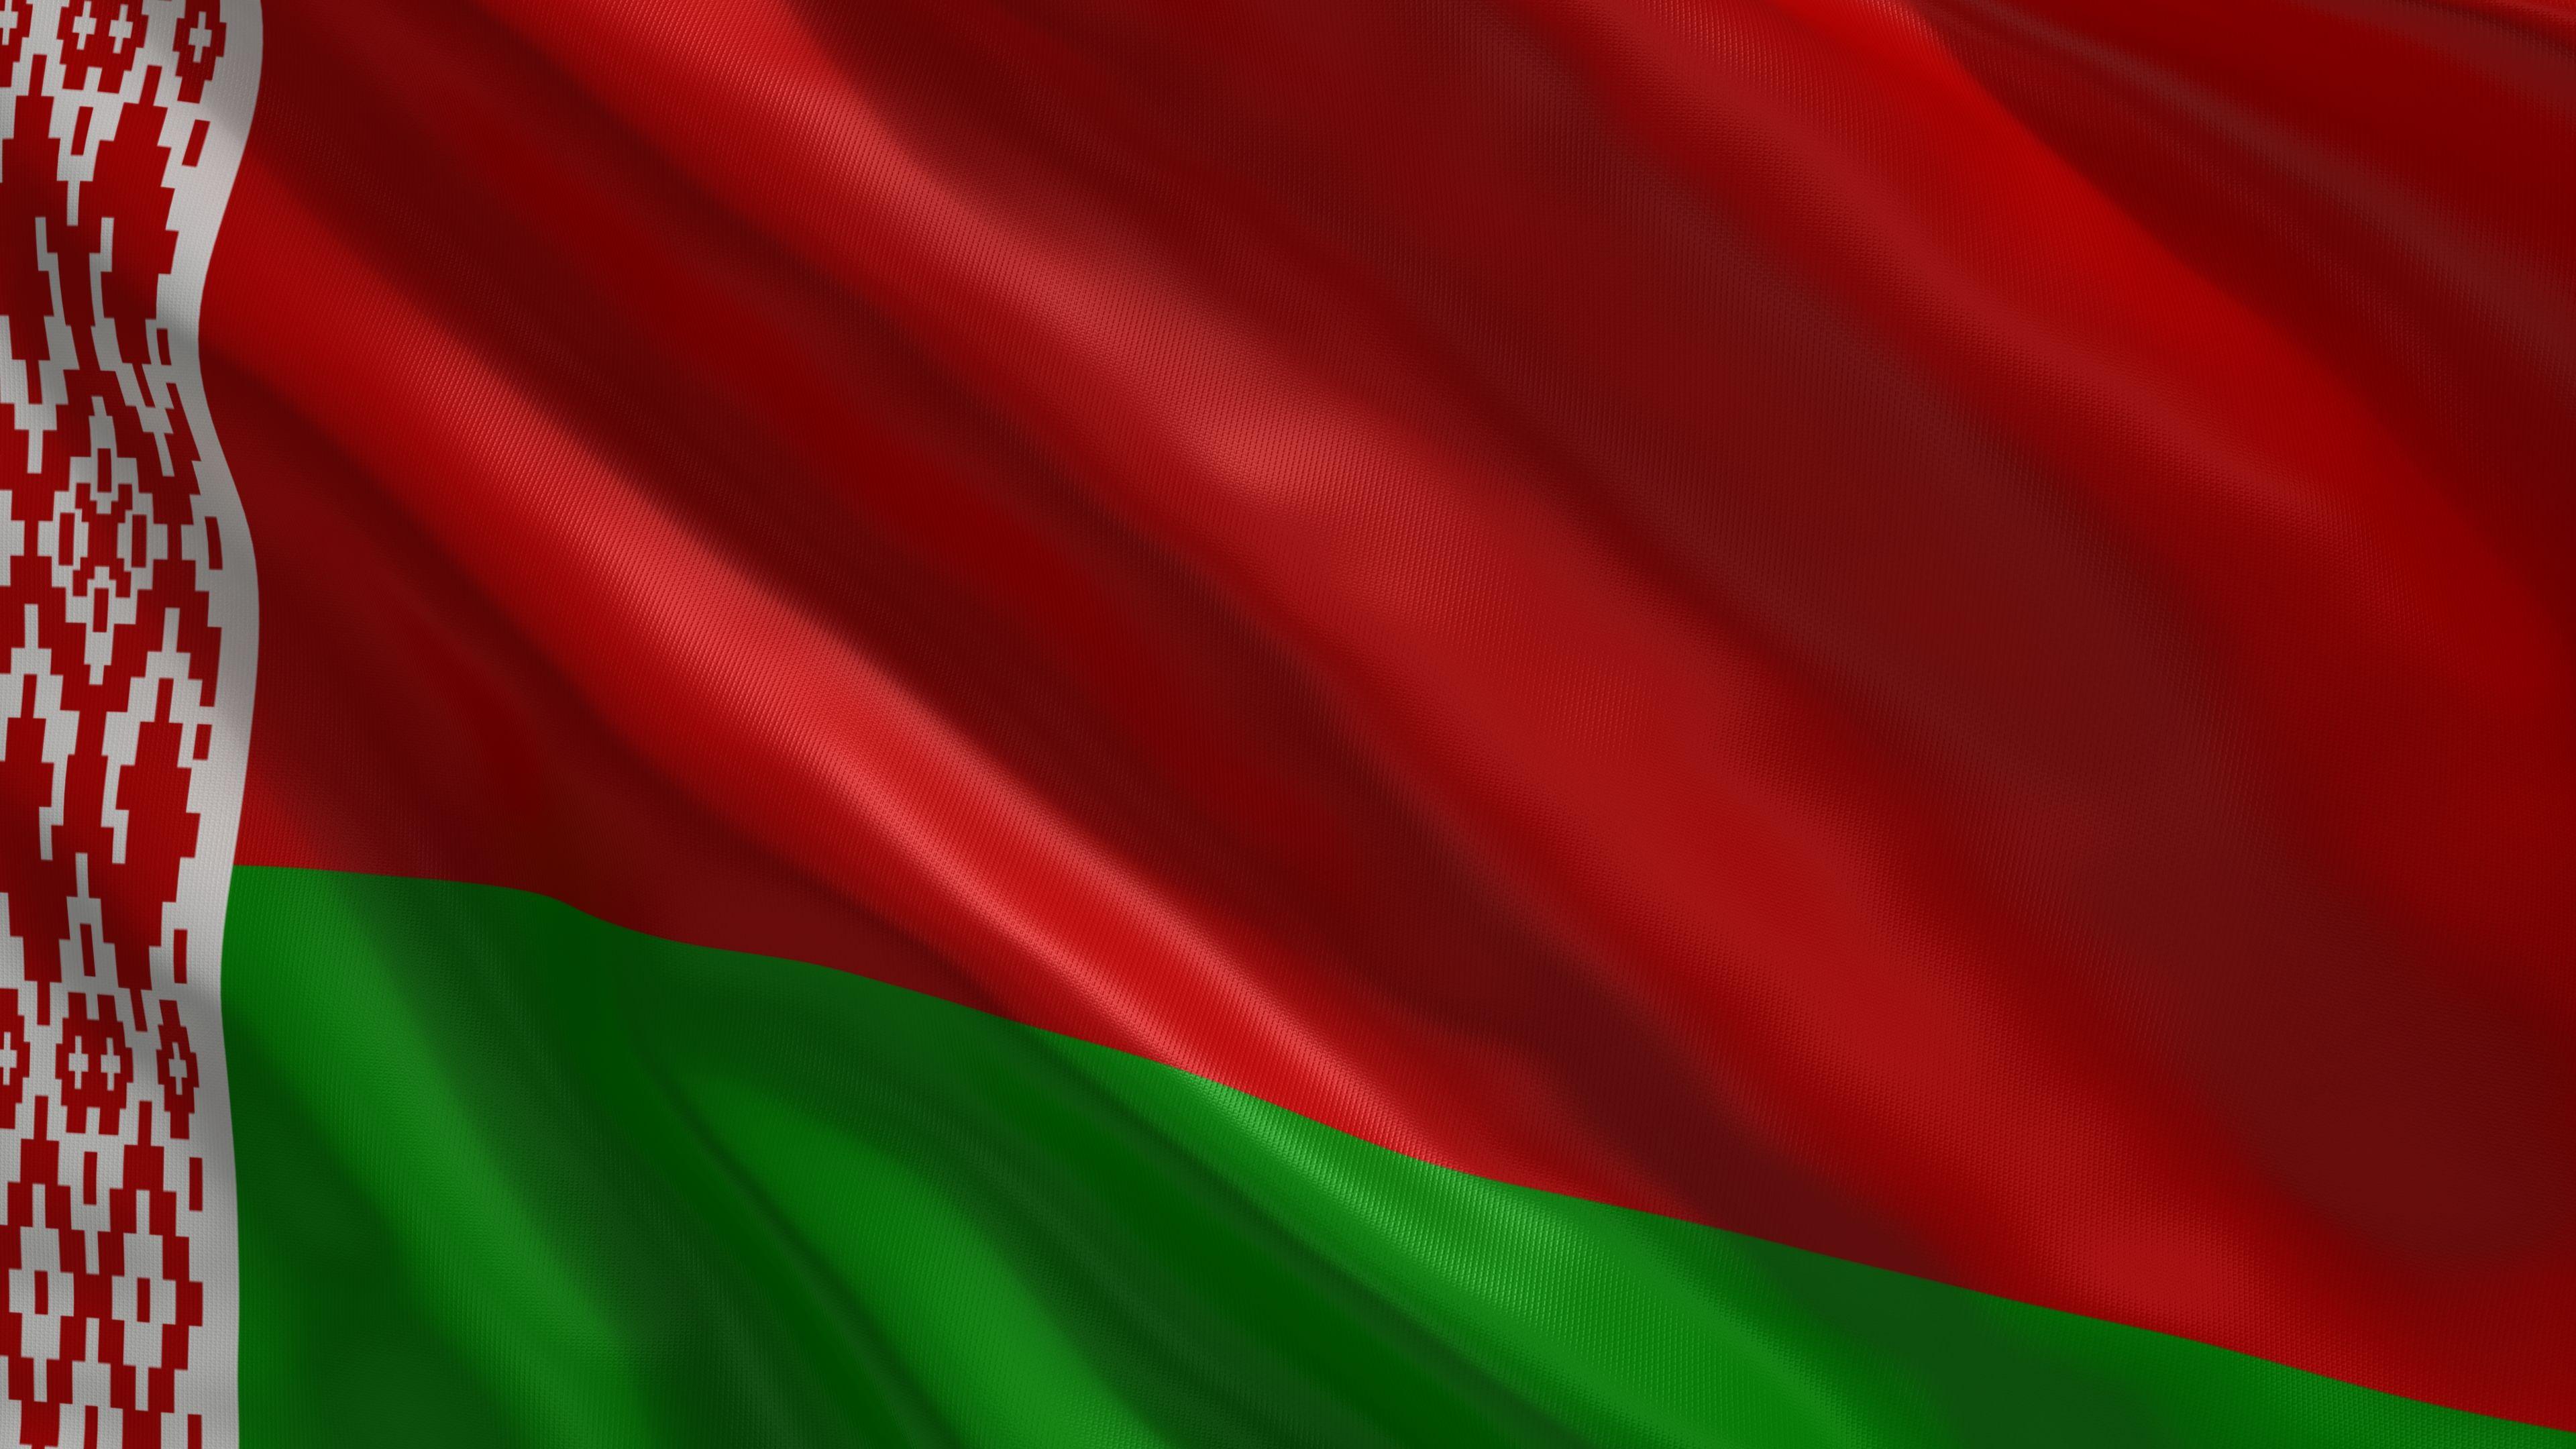 помещение смешные картинки флаг белоруссии что кроме второго